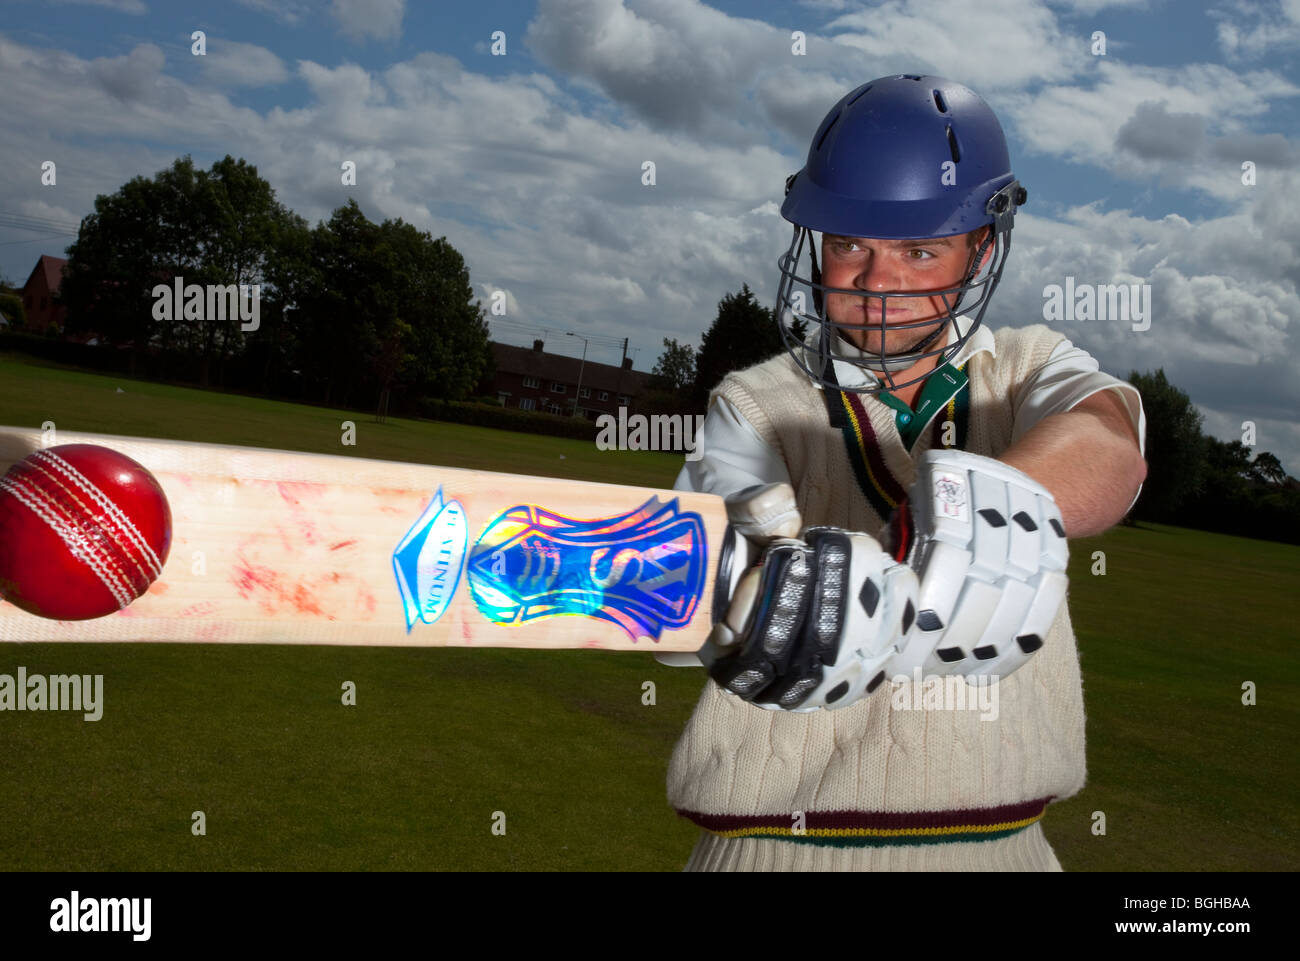 Joueur de cricket ball batteur bat Photo Stock